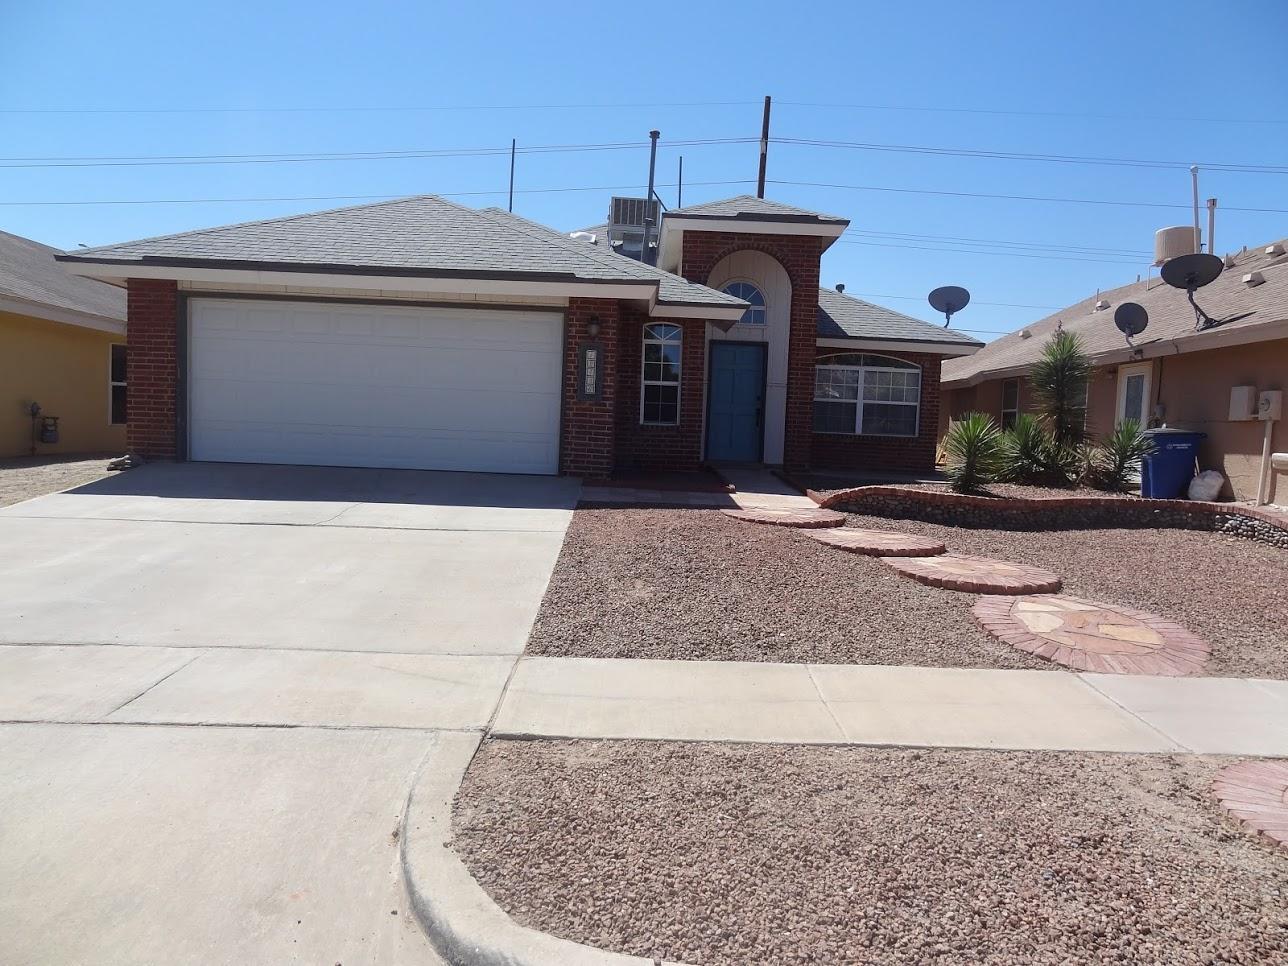 12436 ROBERT DAHL, El Paso, Texas 79938, 3 Bedrooms Bedrooms, ,2 BathroomsBathrooms,Residential Rental,For Rent,ROBERT DAHL,813742